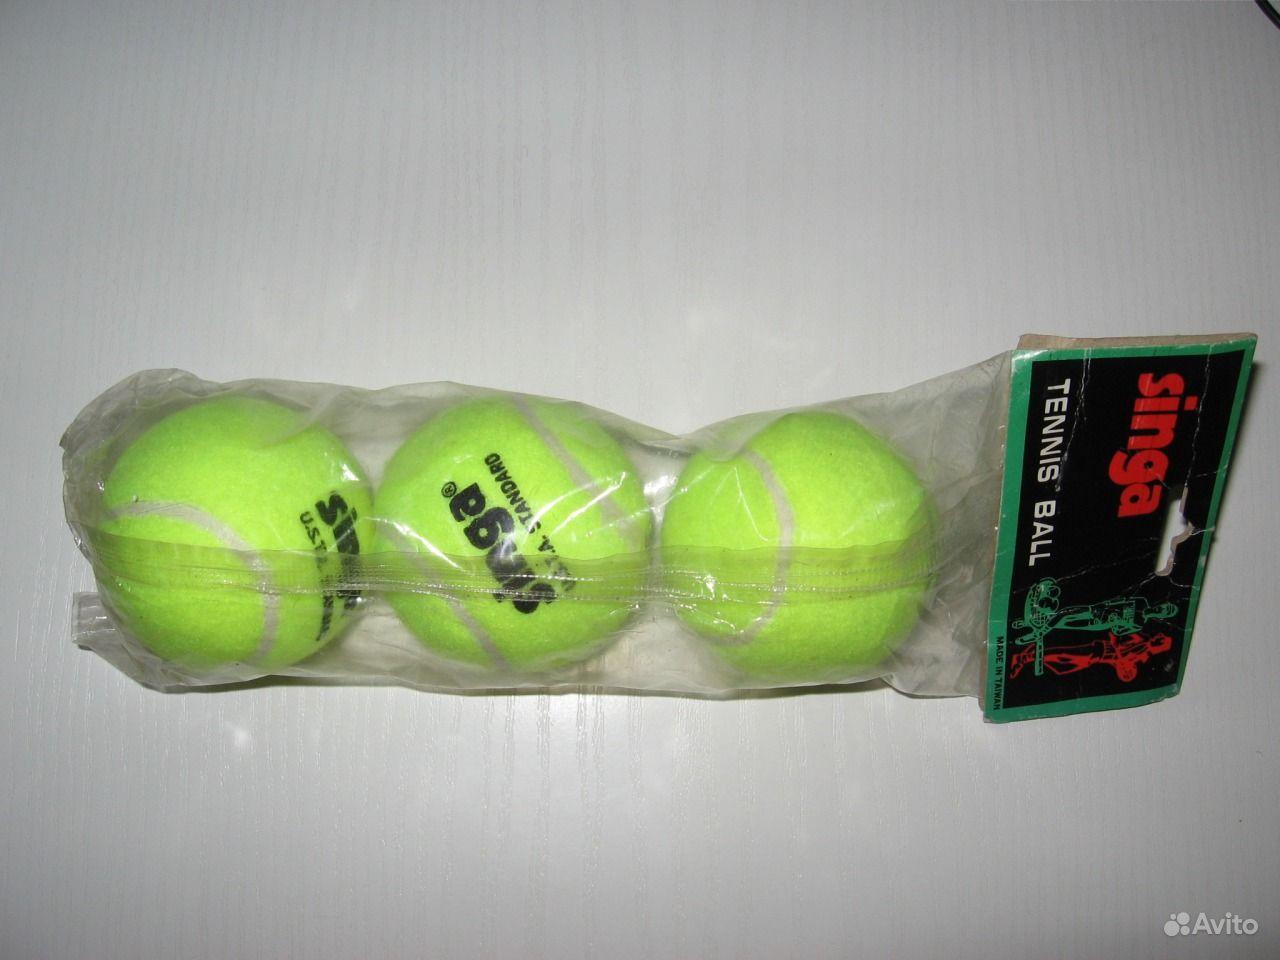 Теннисный мяч в попе фото 13 фотография